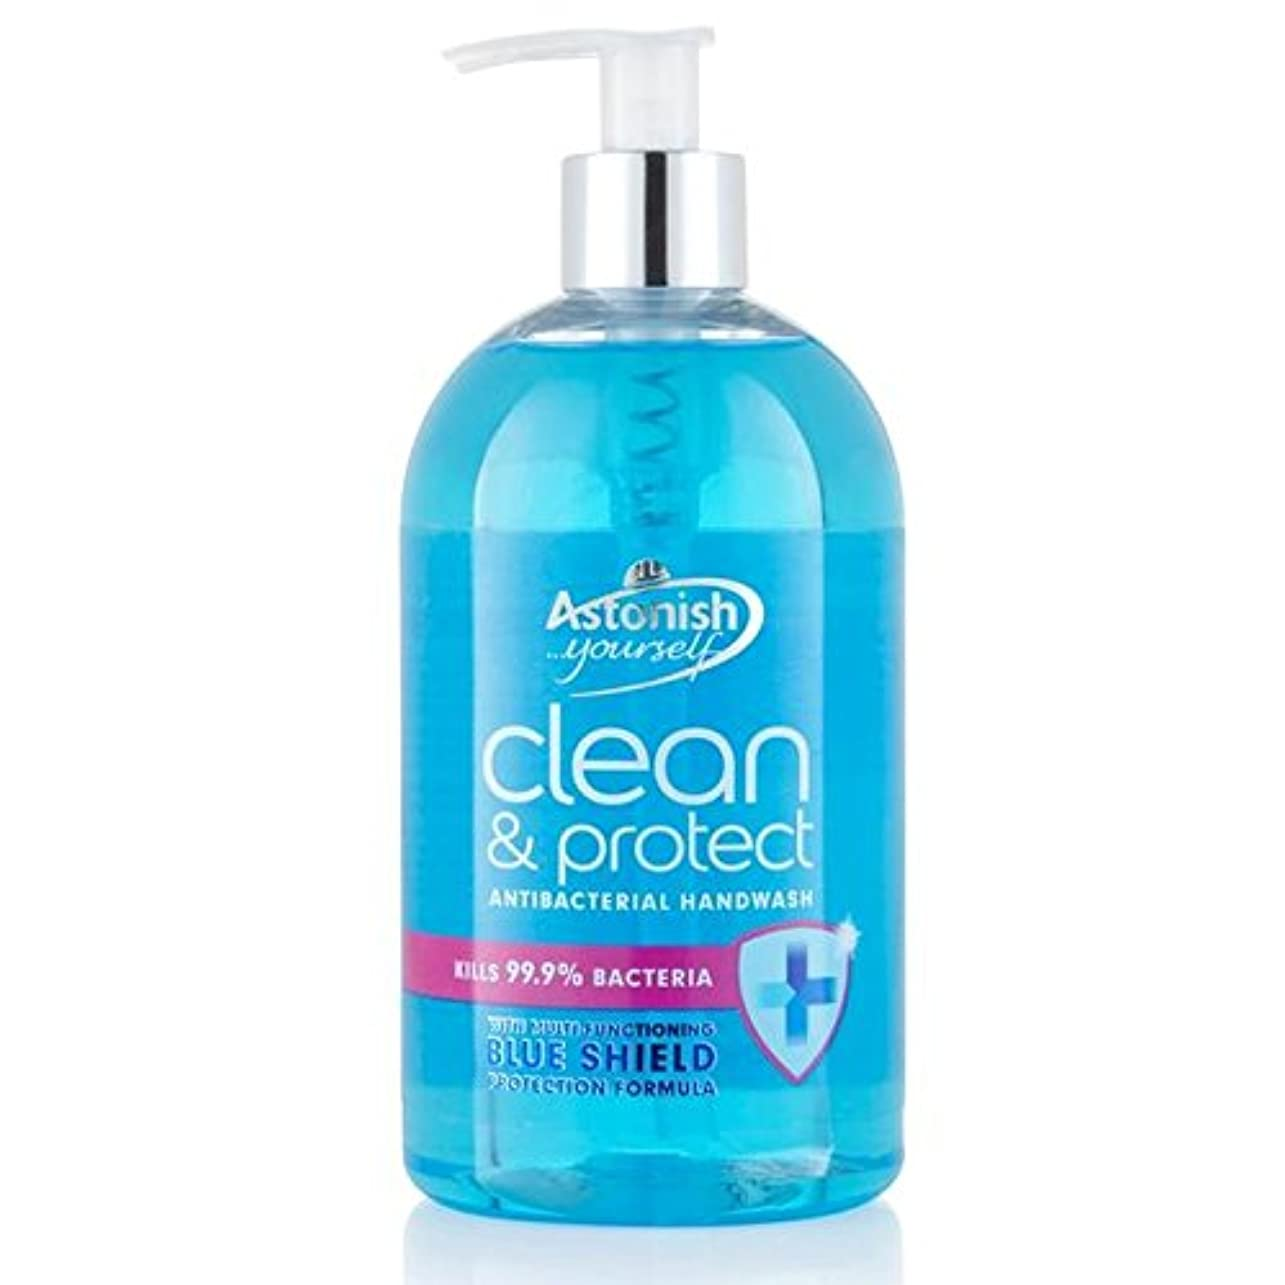 メガロポリス機構ブームクリーン驚か&ハンドウォッシュ500ミリリットルを保護 x2 - Astonish Clean & Protect Hand Wash 500ml (Pack of 2) [並行輸入品]